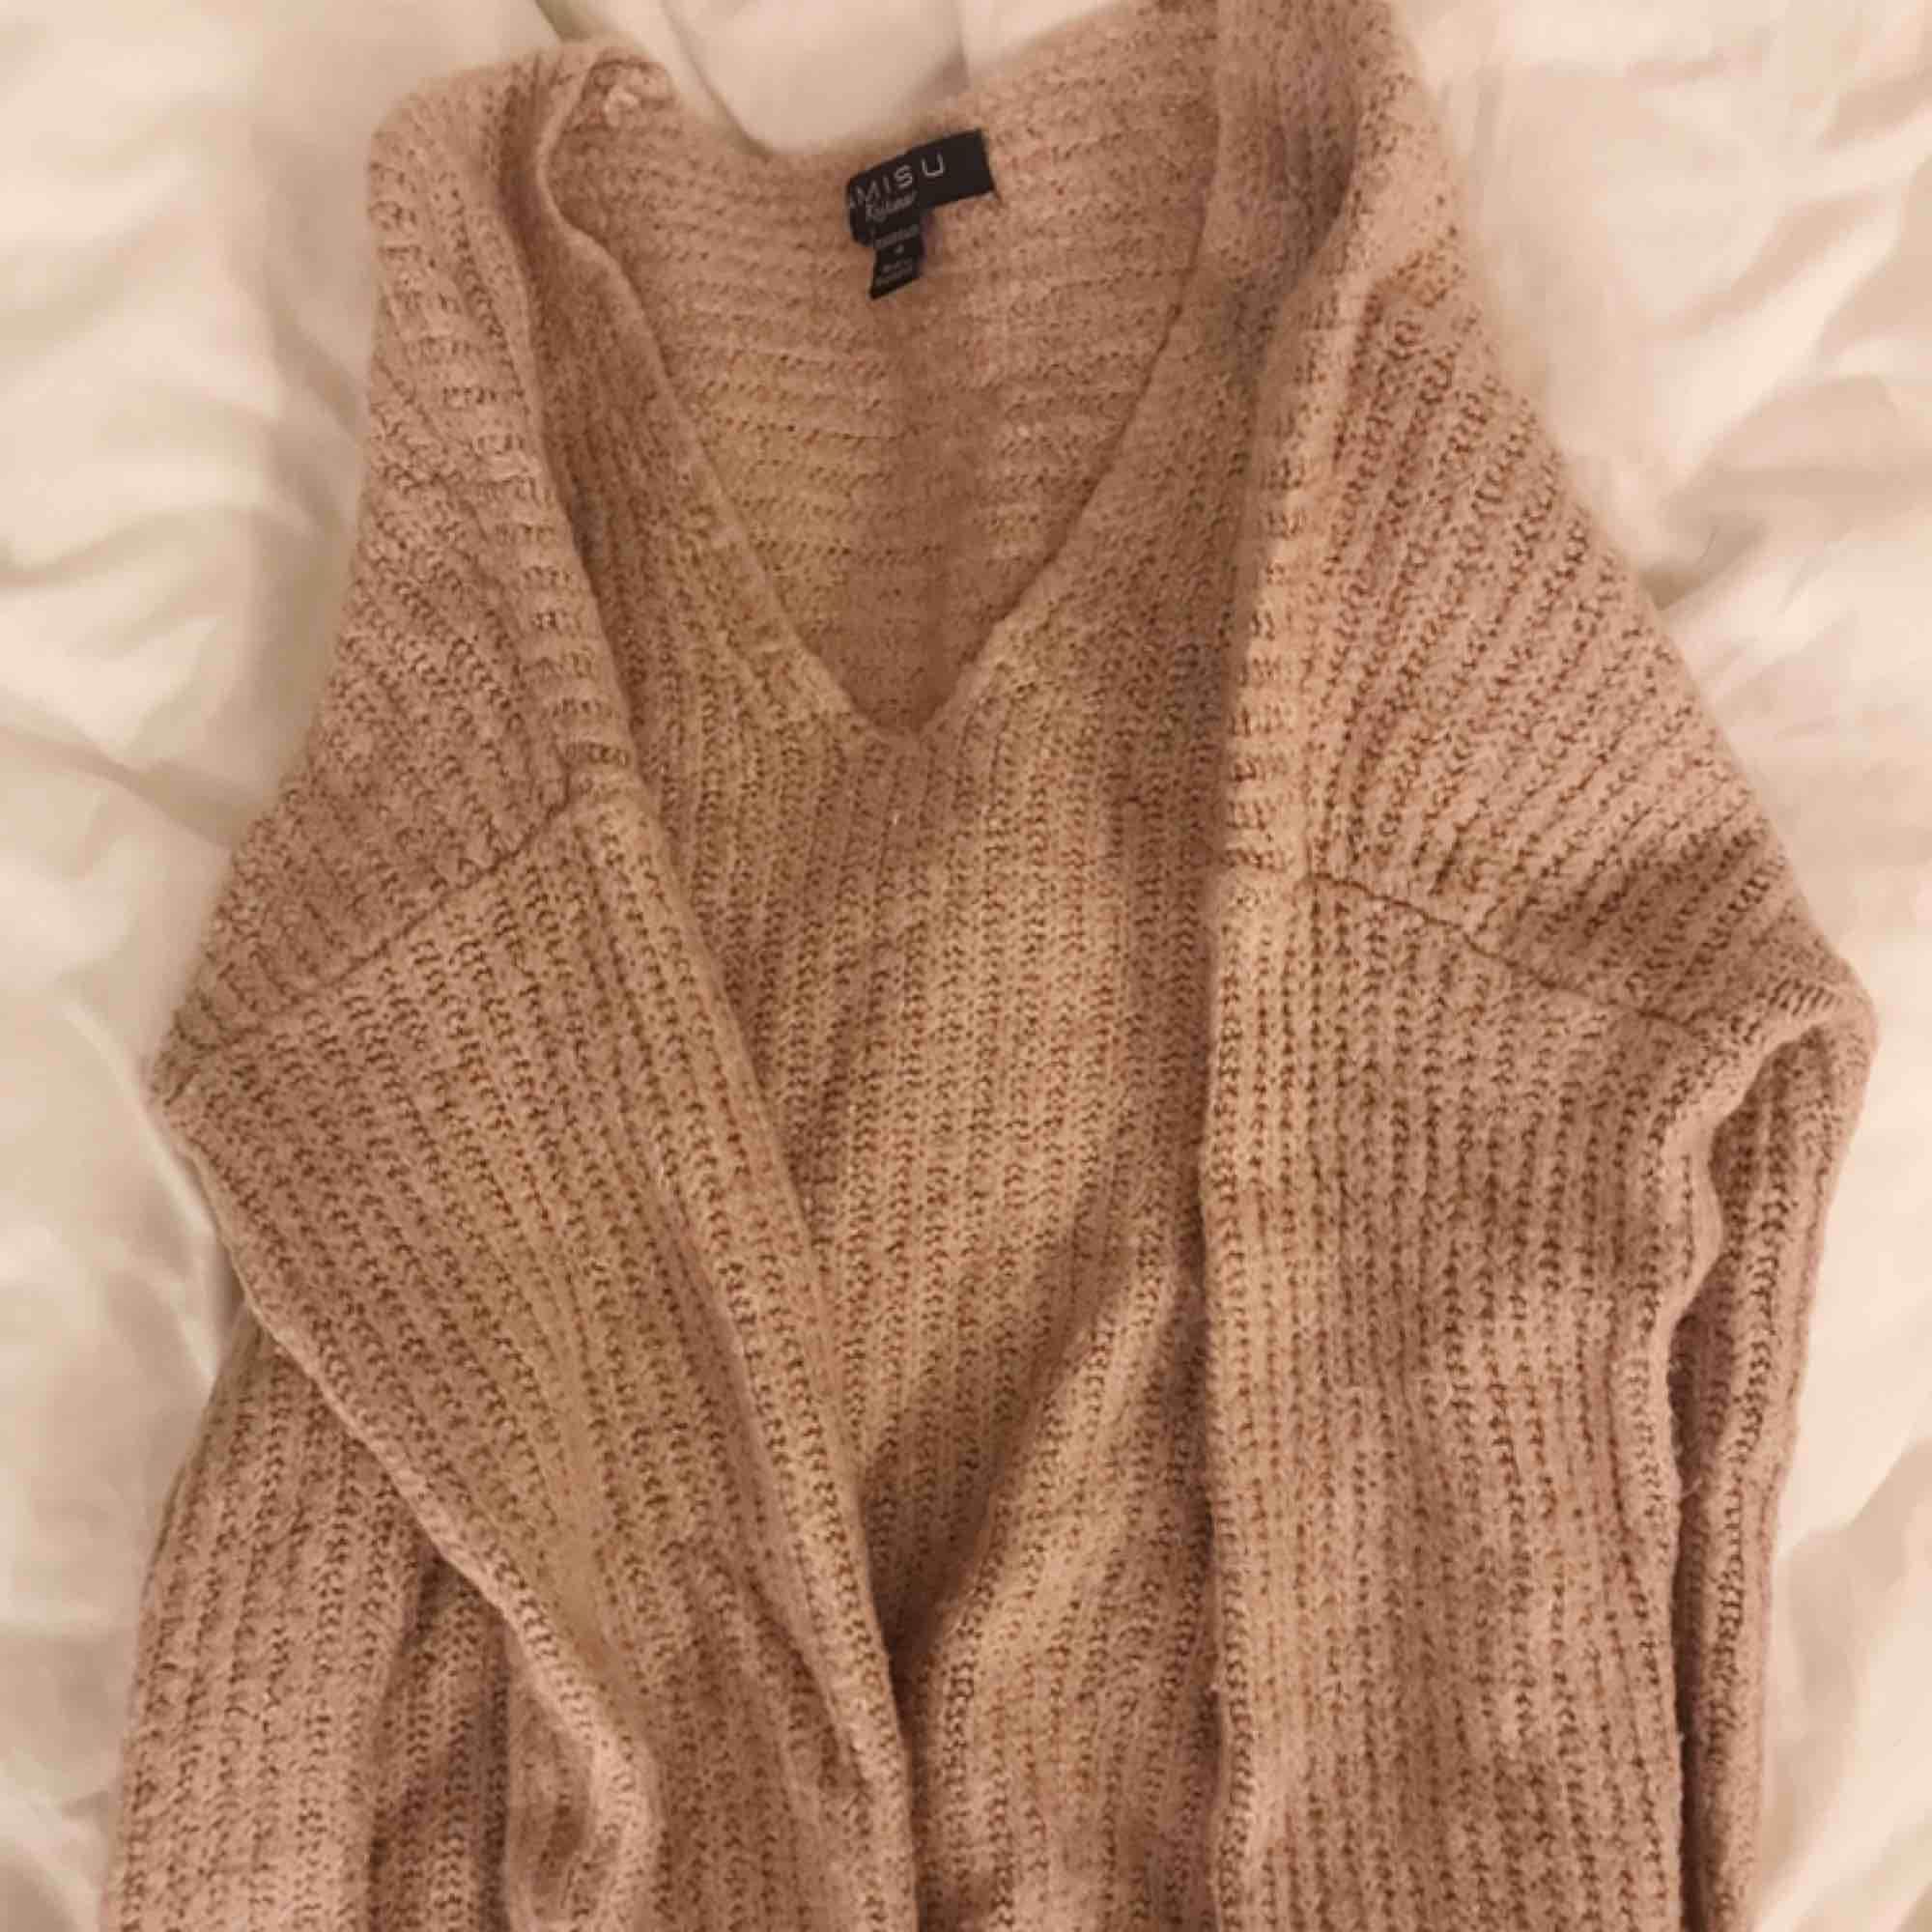 SÅ skön gammalrosa/beigeaktig stickad tröja från Amisu. Aldrig använd för att jag personligen inte tycker att jag passar i färgen. Frakt kostar 40kr 🥰. Stickat.